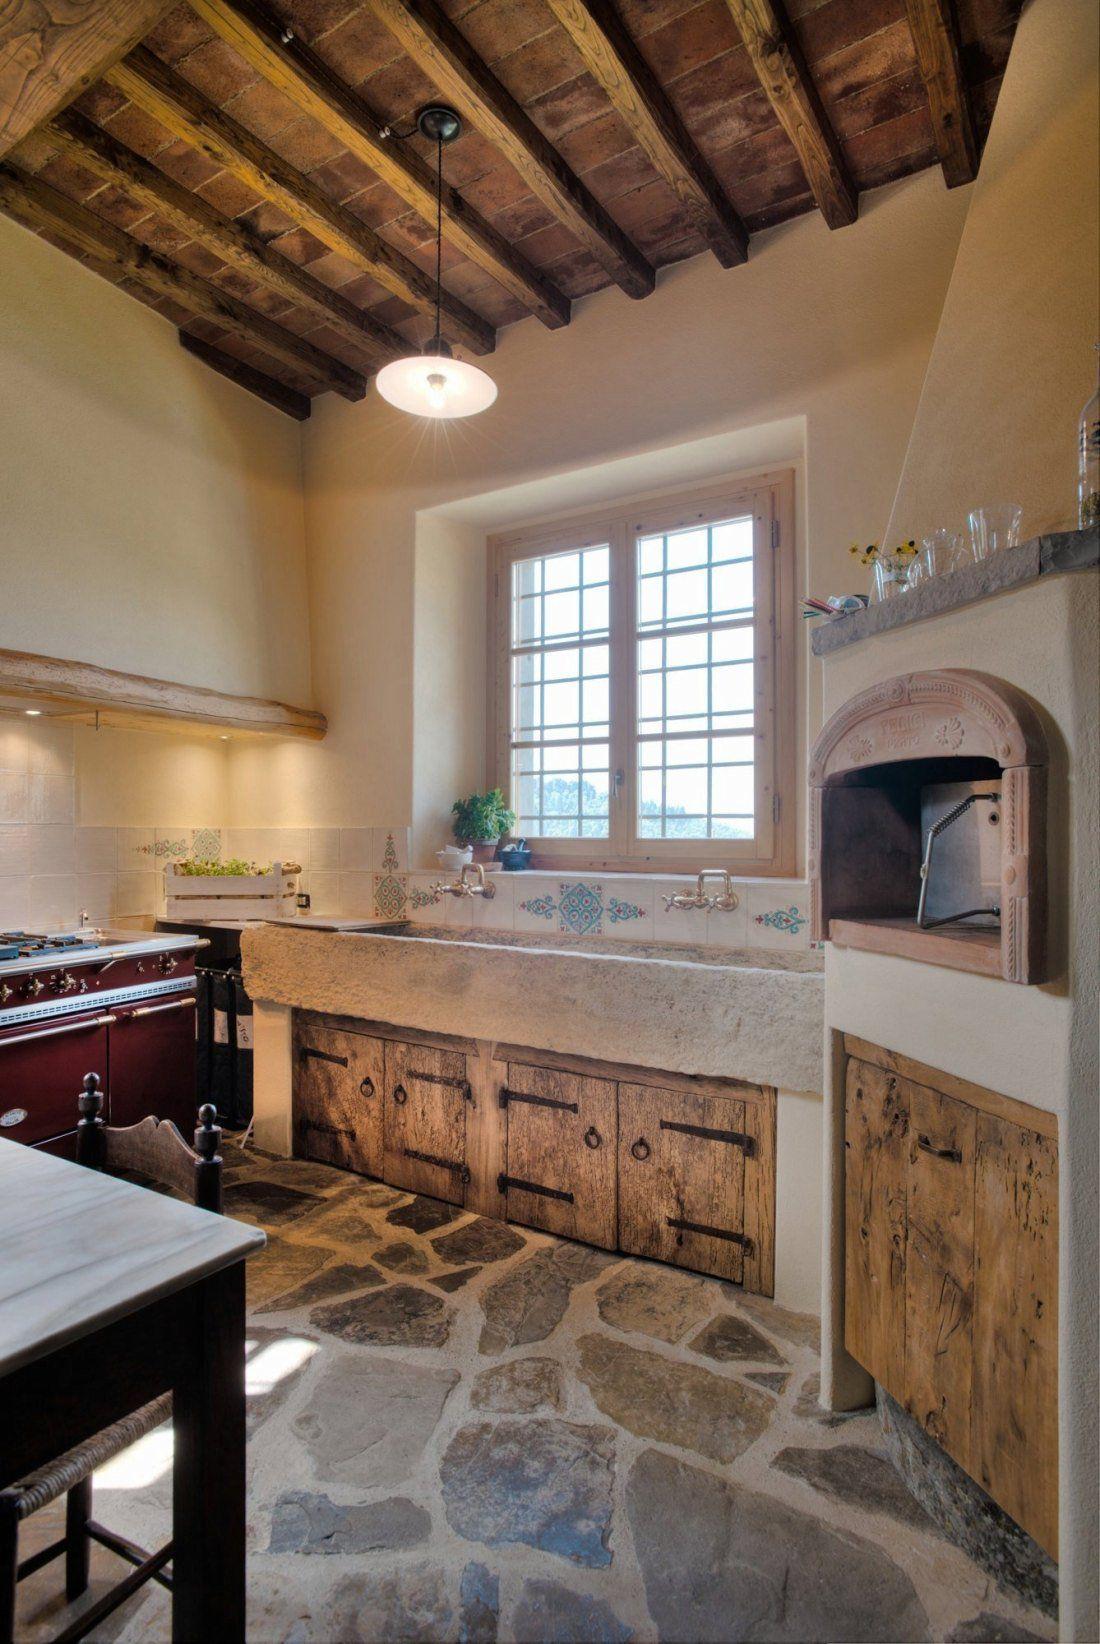 Cucine Artigianali - Walter Galluzzi nel 2019 | Cucine ...